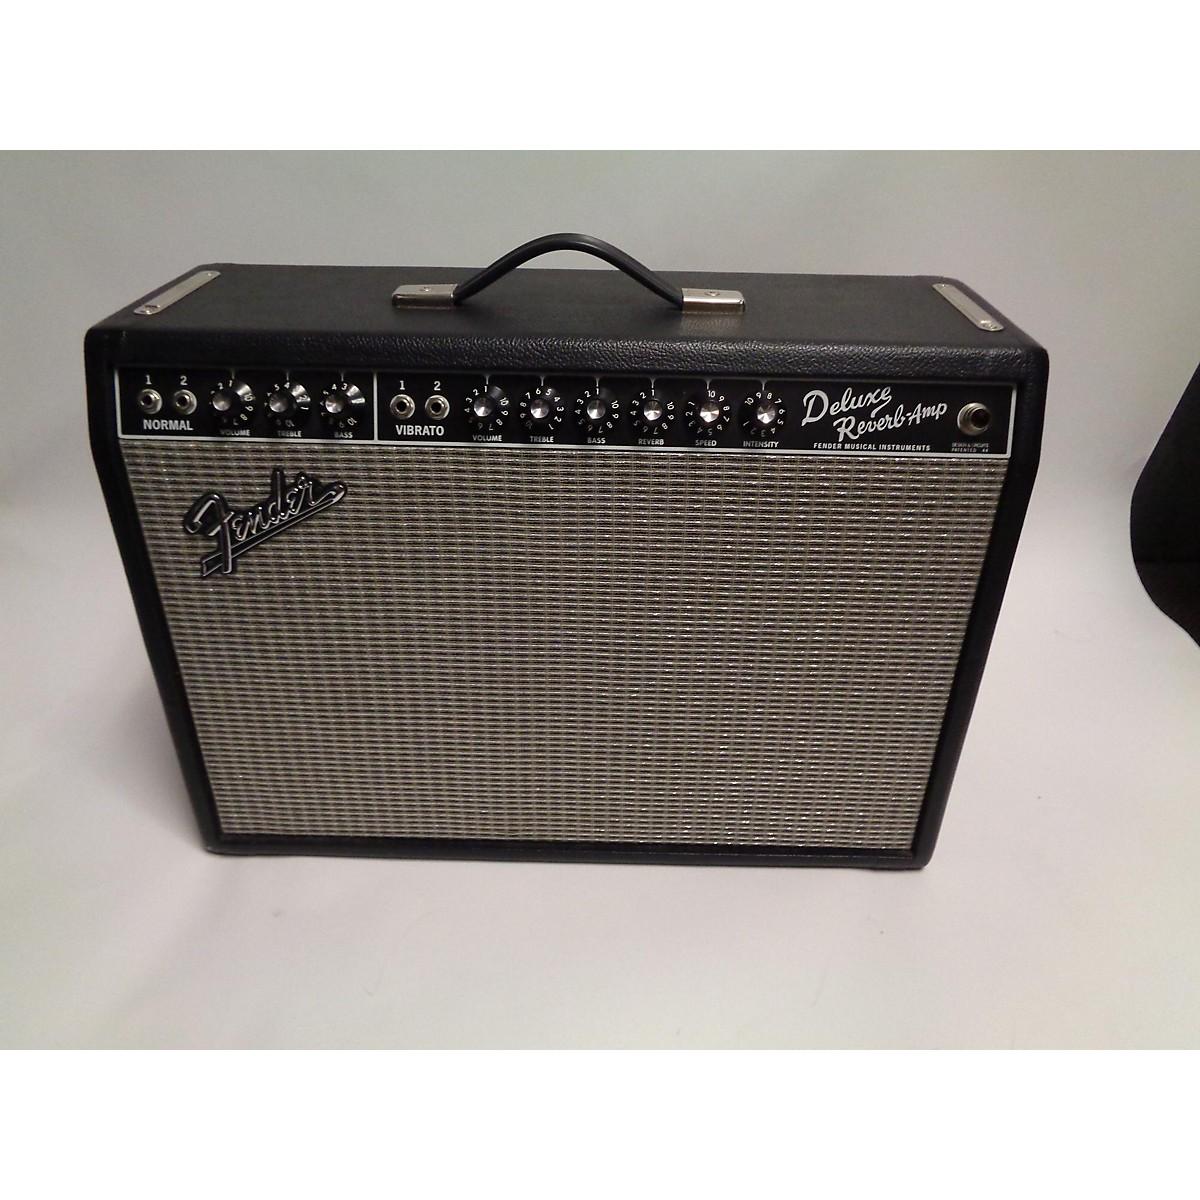 Fender 2018 1965 Reissue Deluxe Reverb 22W 1x12 Tube Guitar Combo Amp